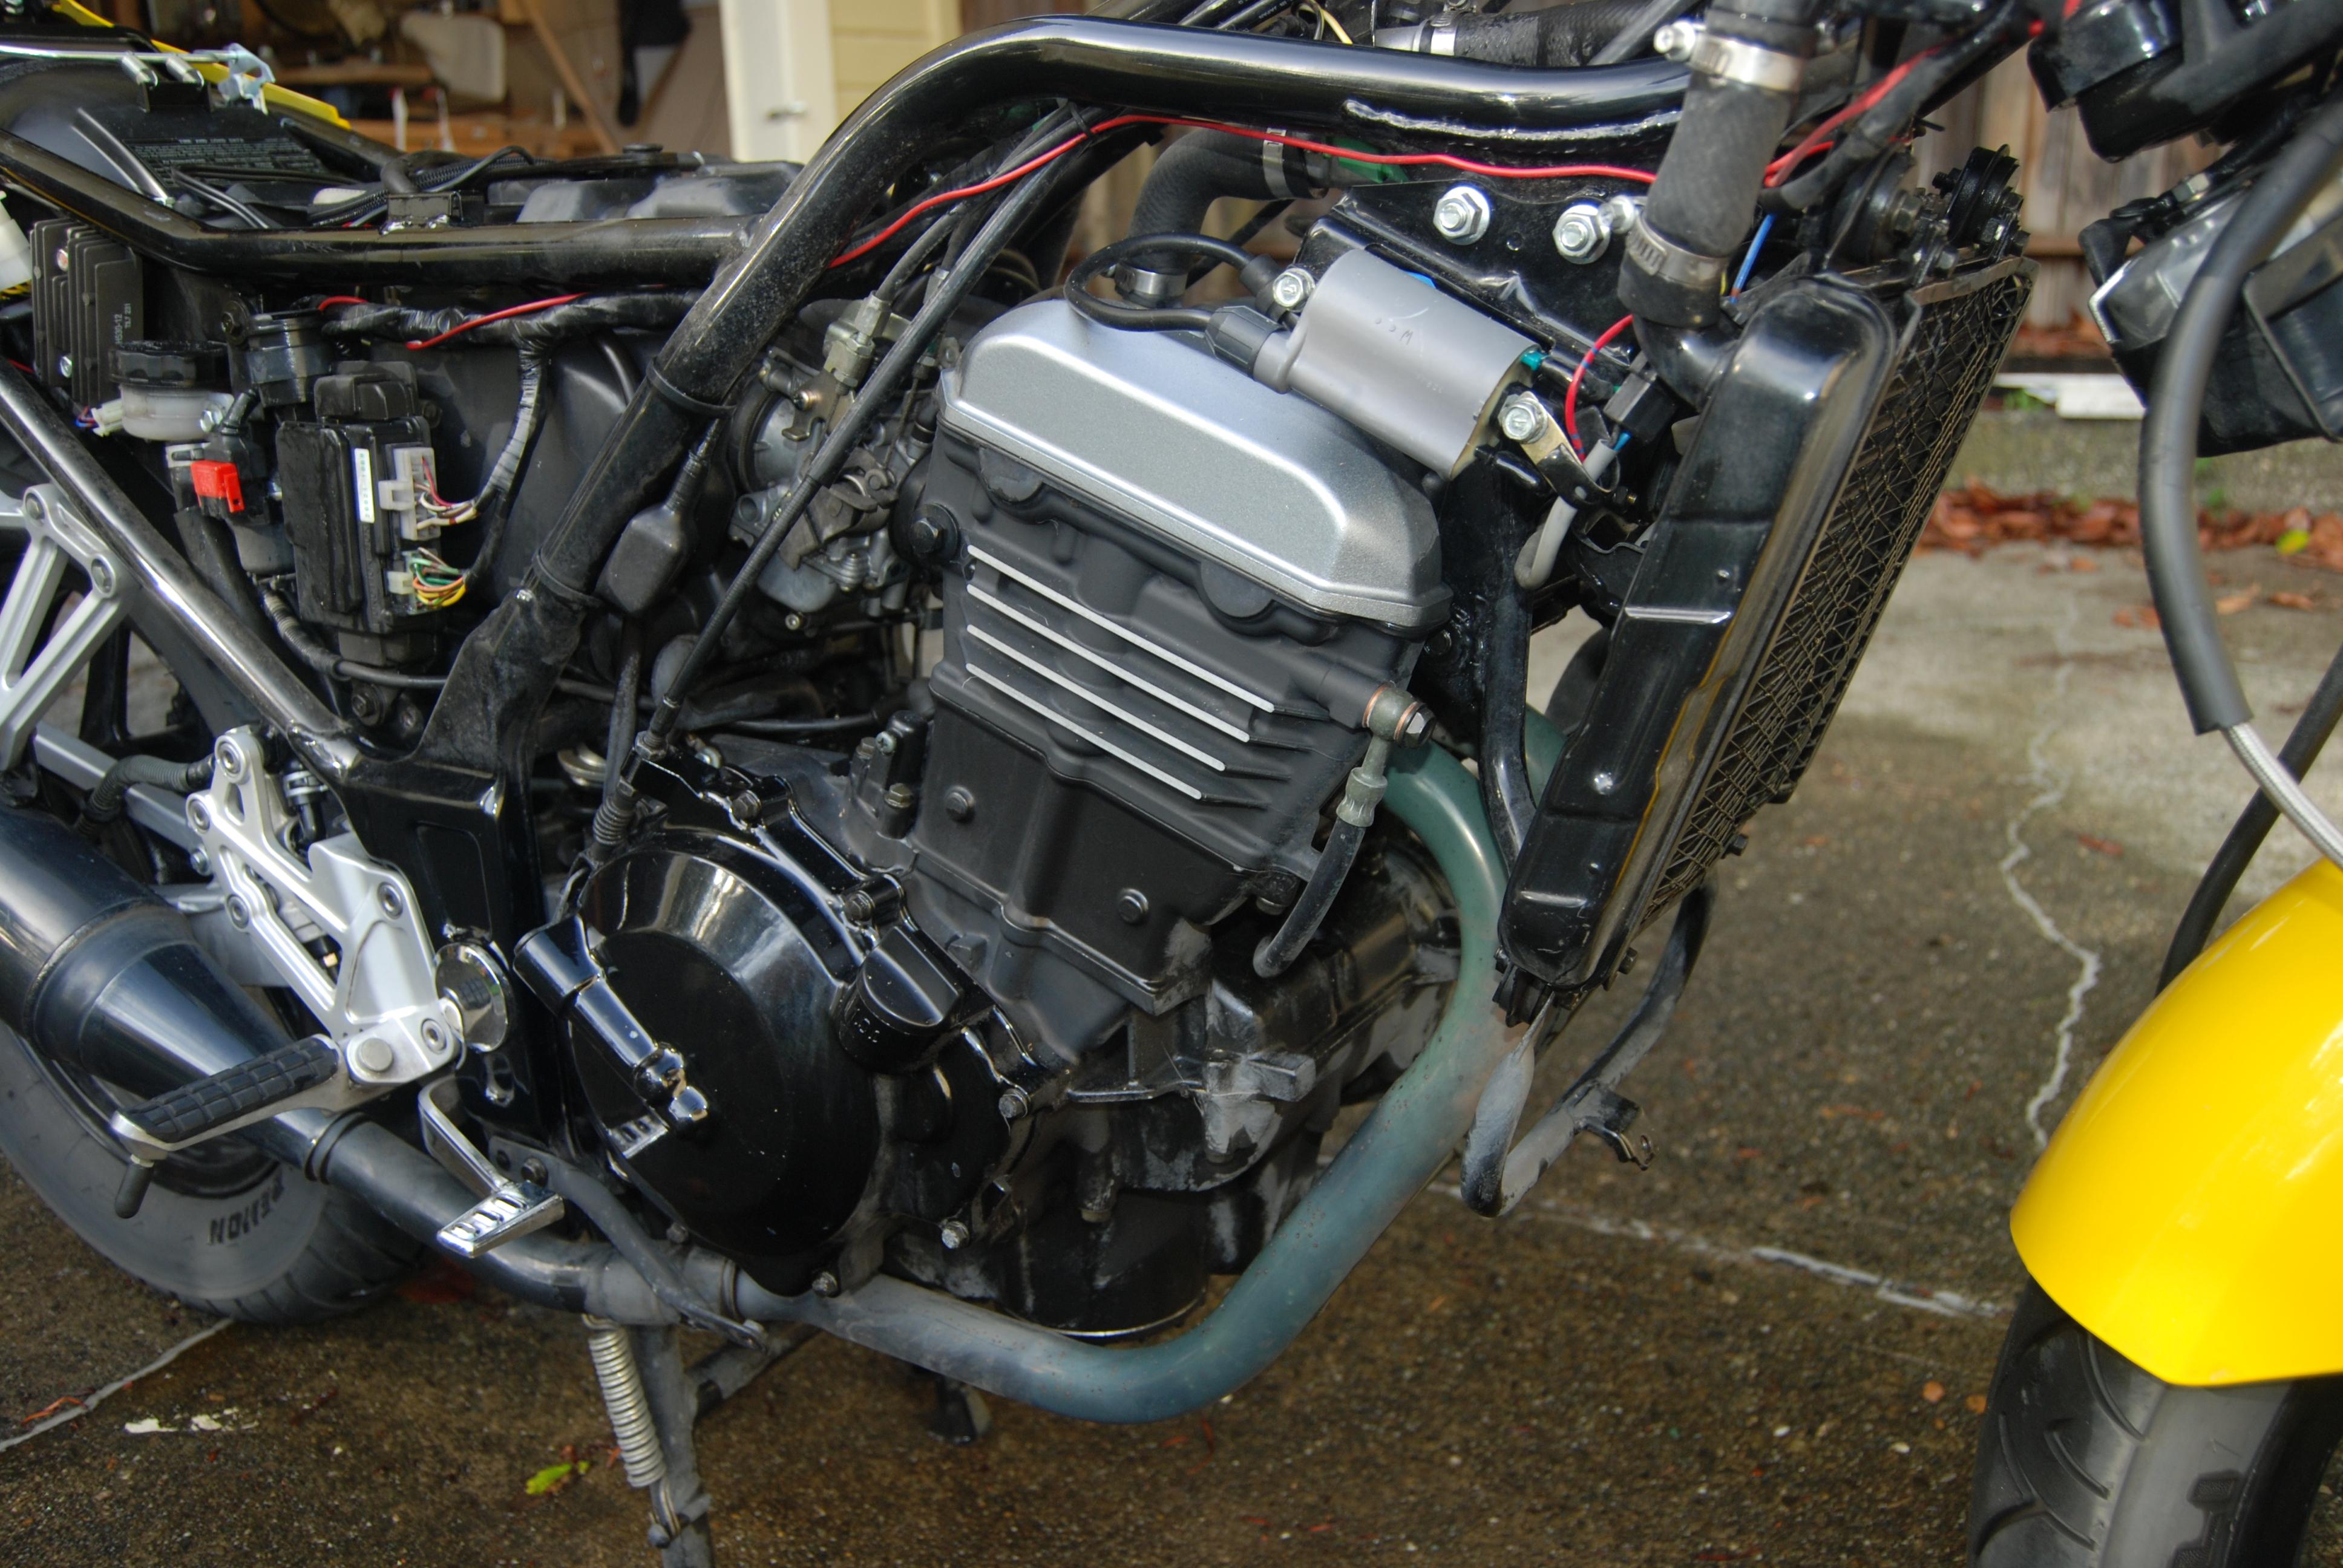 File:2004 Kawasaki Ninja 250 engine 2.jpg - Wikimedia Commons